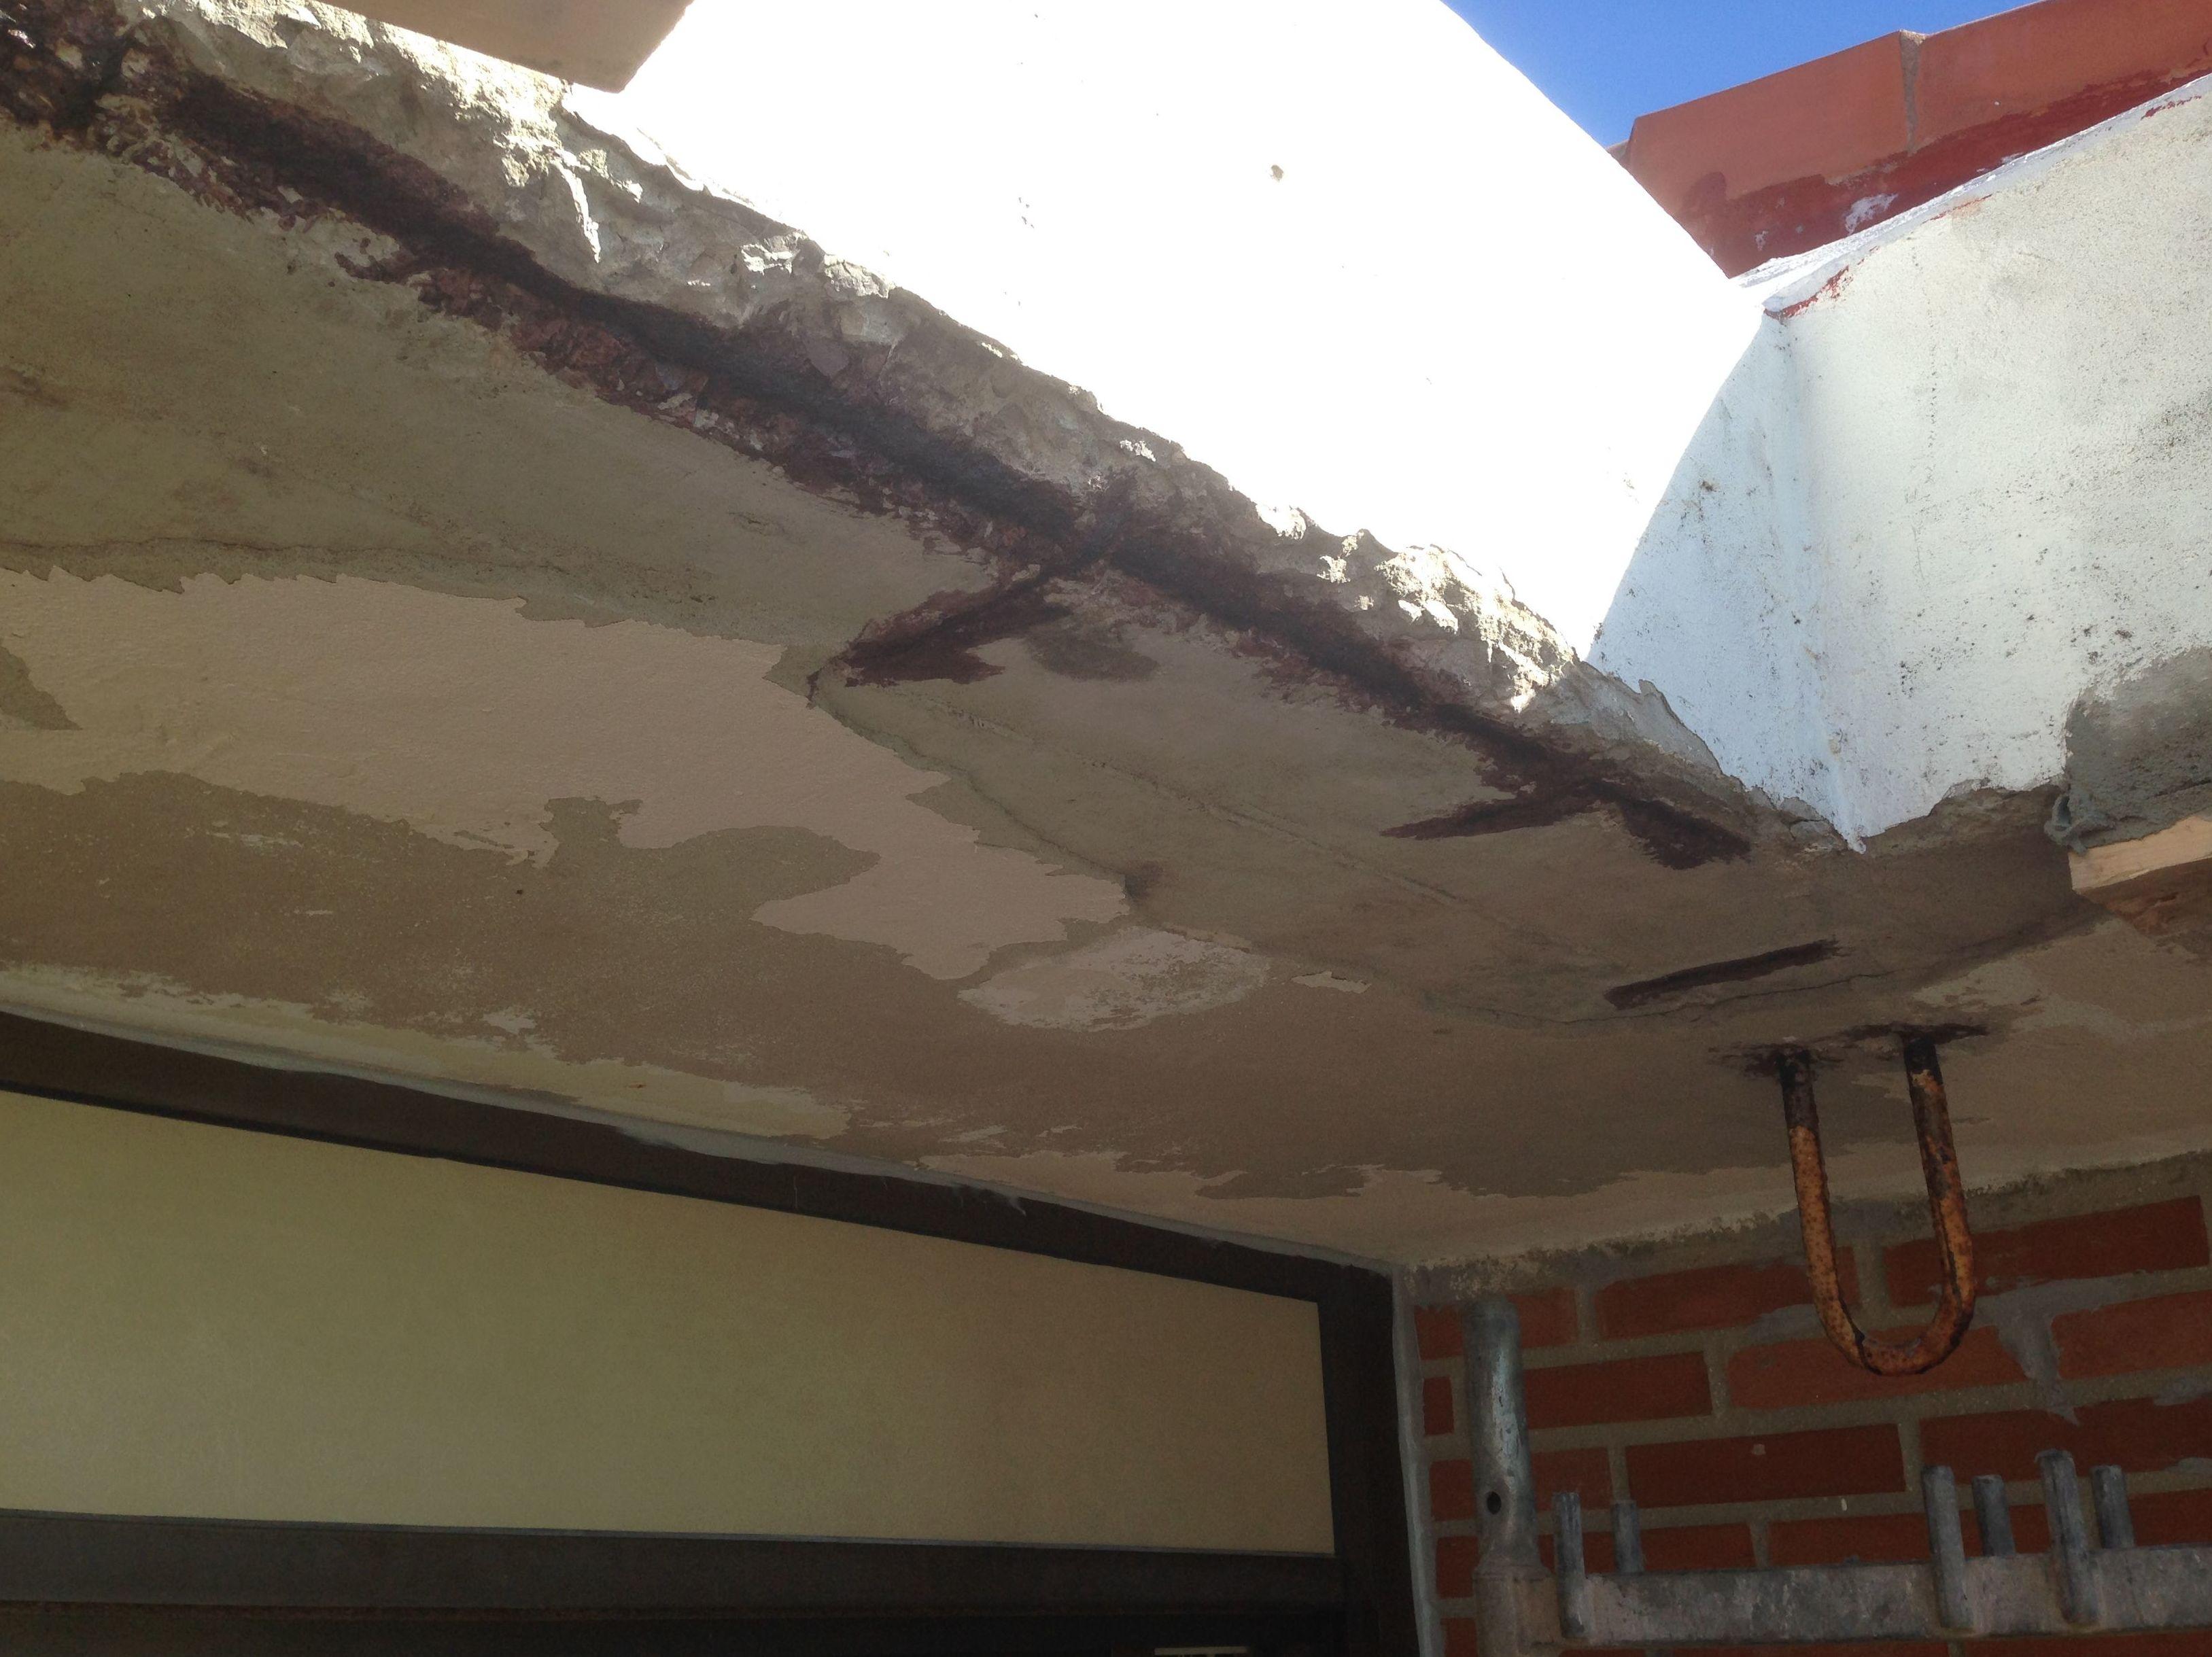 Reparación del hormigón